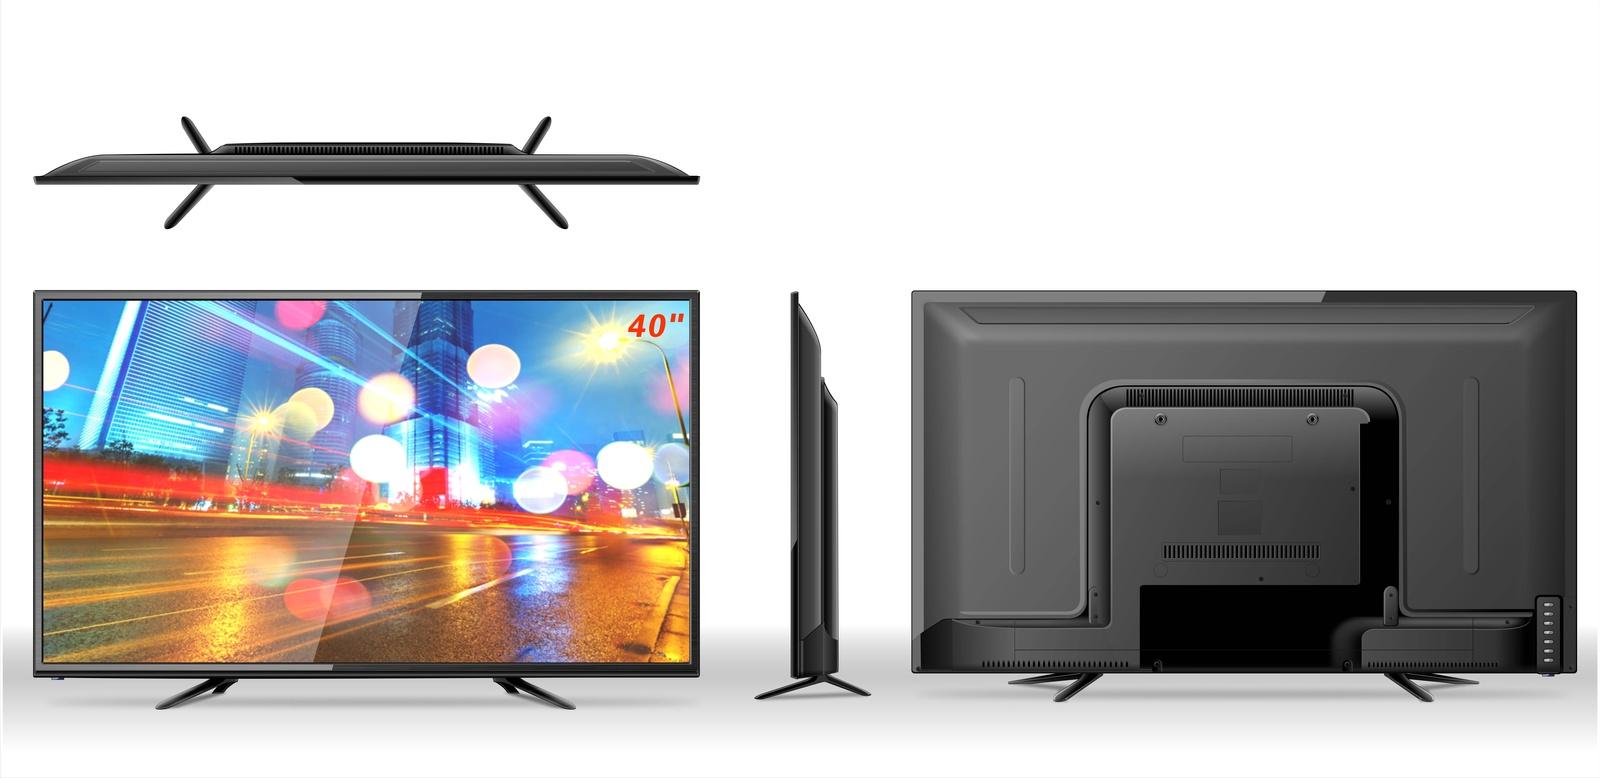 Телевизор ECON EX-40FS002B 40